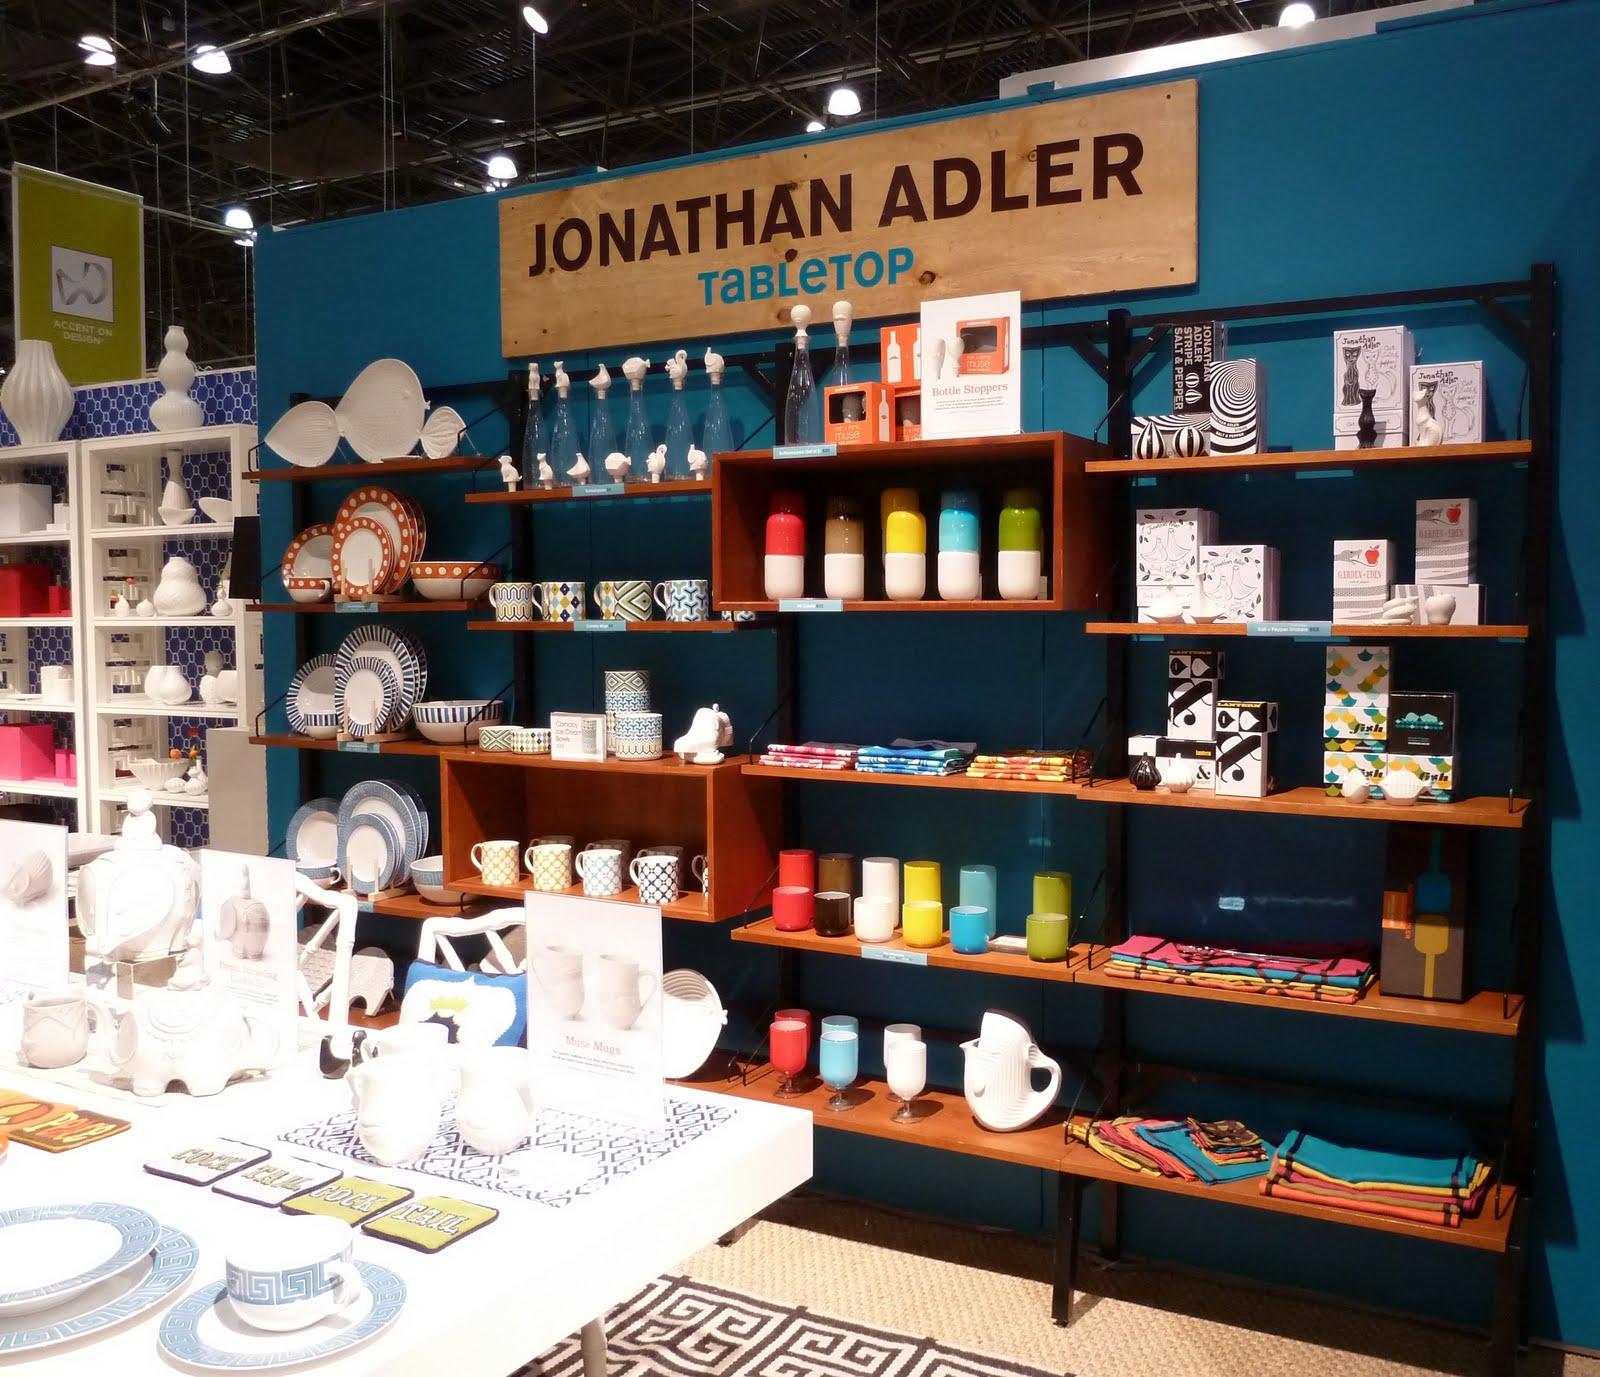 NYIGF Jonathan Adler